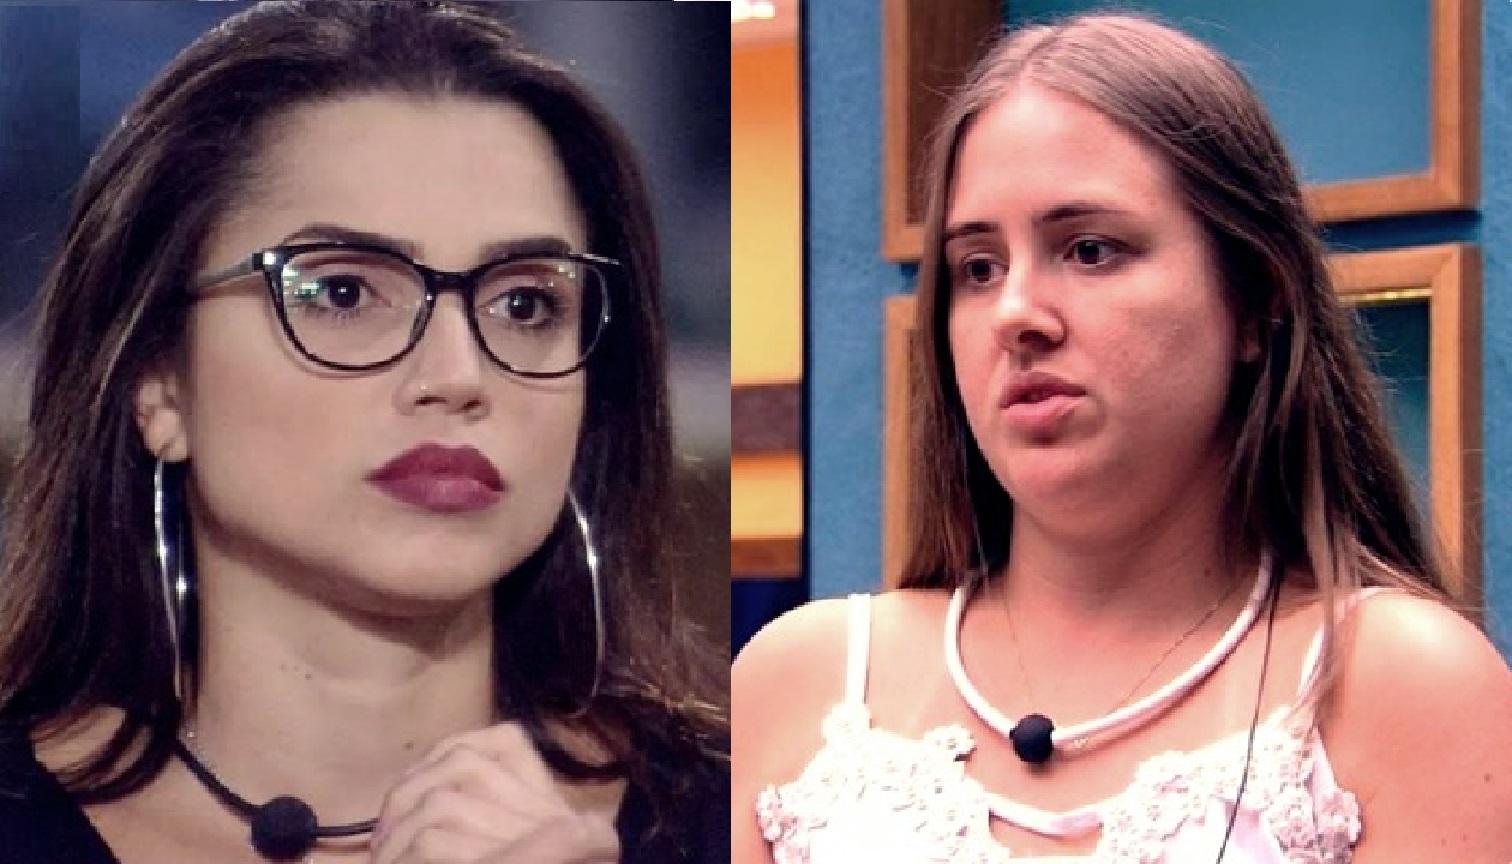 Patrícia Leitte e Paula, ambas do BBB18, discutem e trocam ofensas na web: 'falsa'